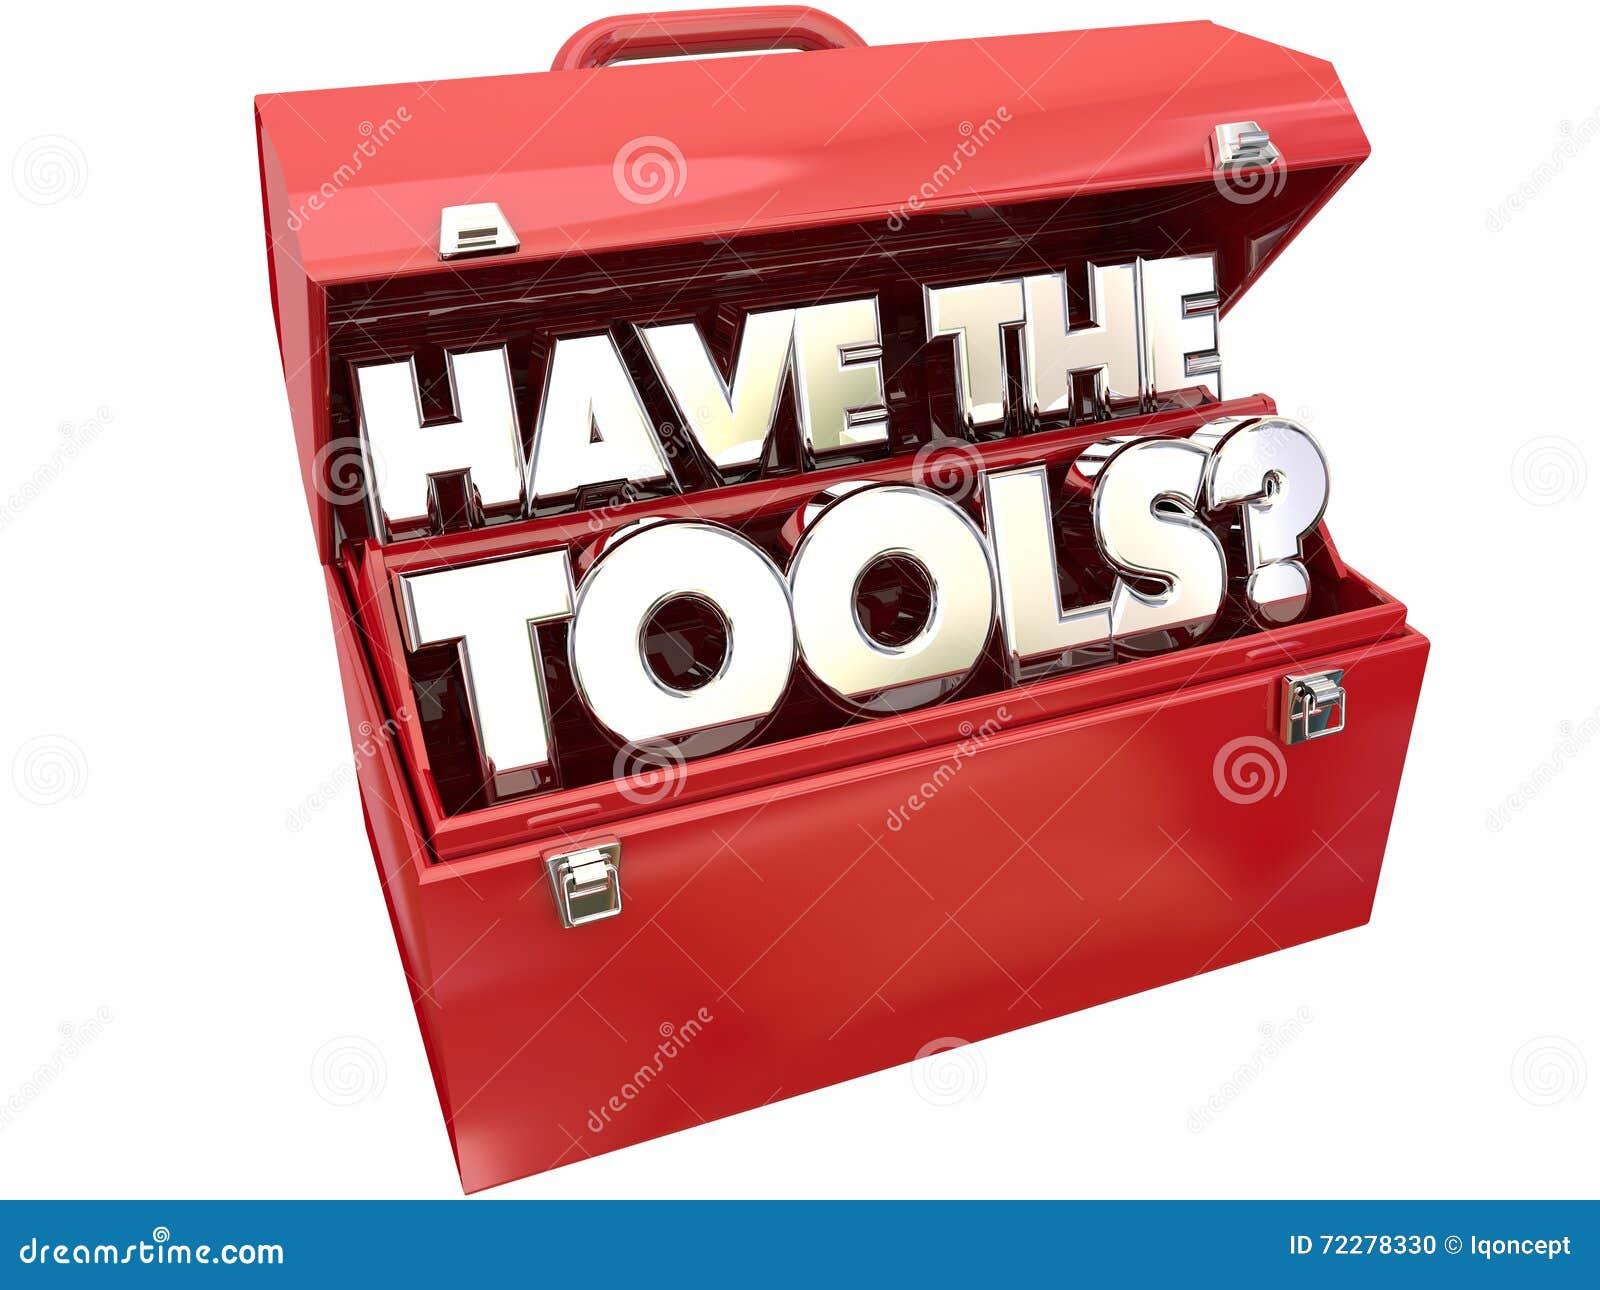 Download Имейте Toolbox экспертизы вопросе о инструментов необходимый Иллюстрация штока - иллюстрации насчитывающей готовность, ресурсы: 72278330